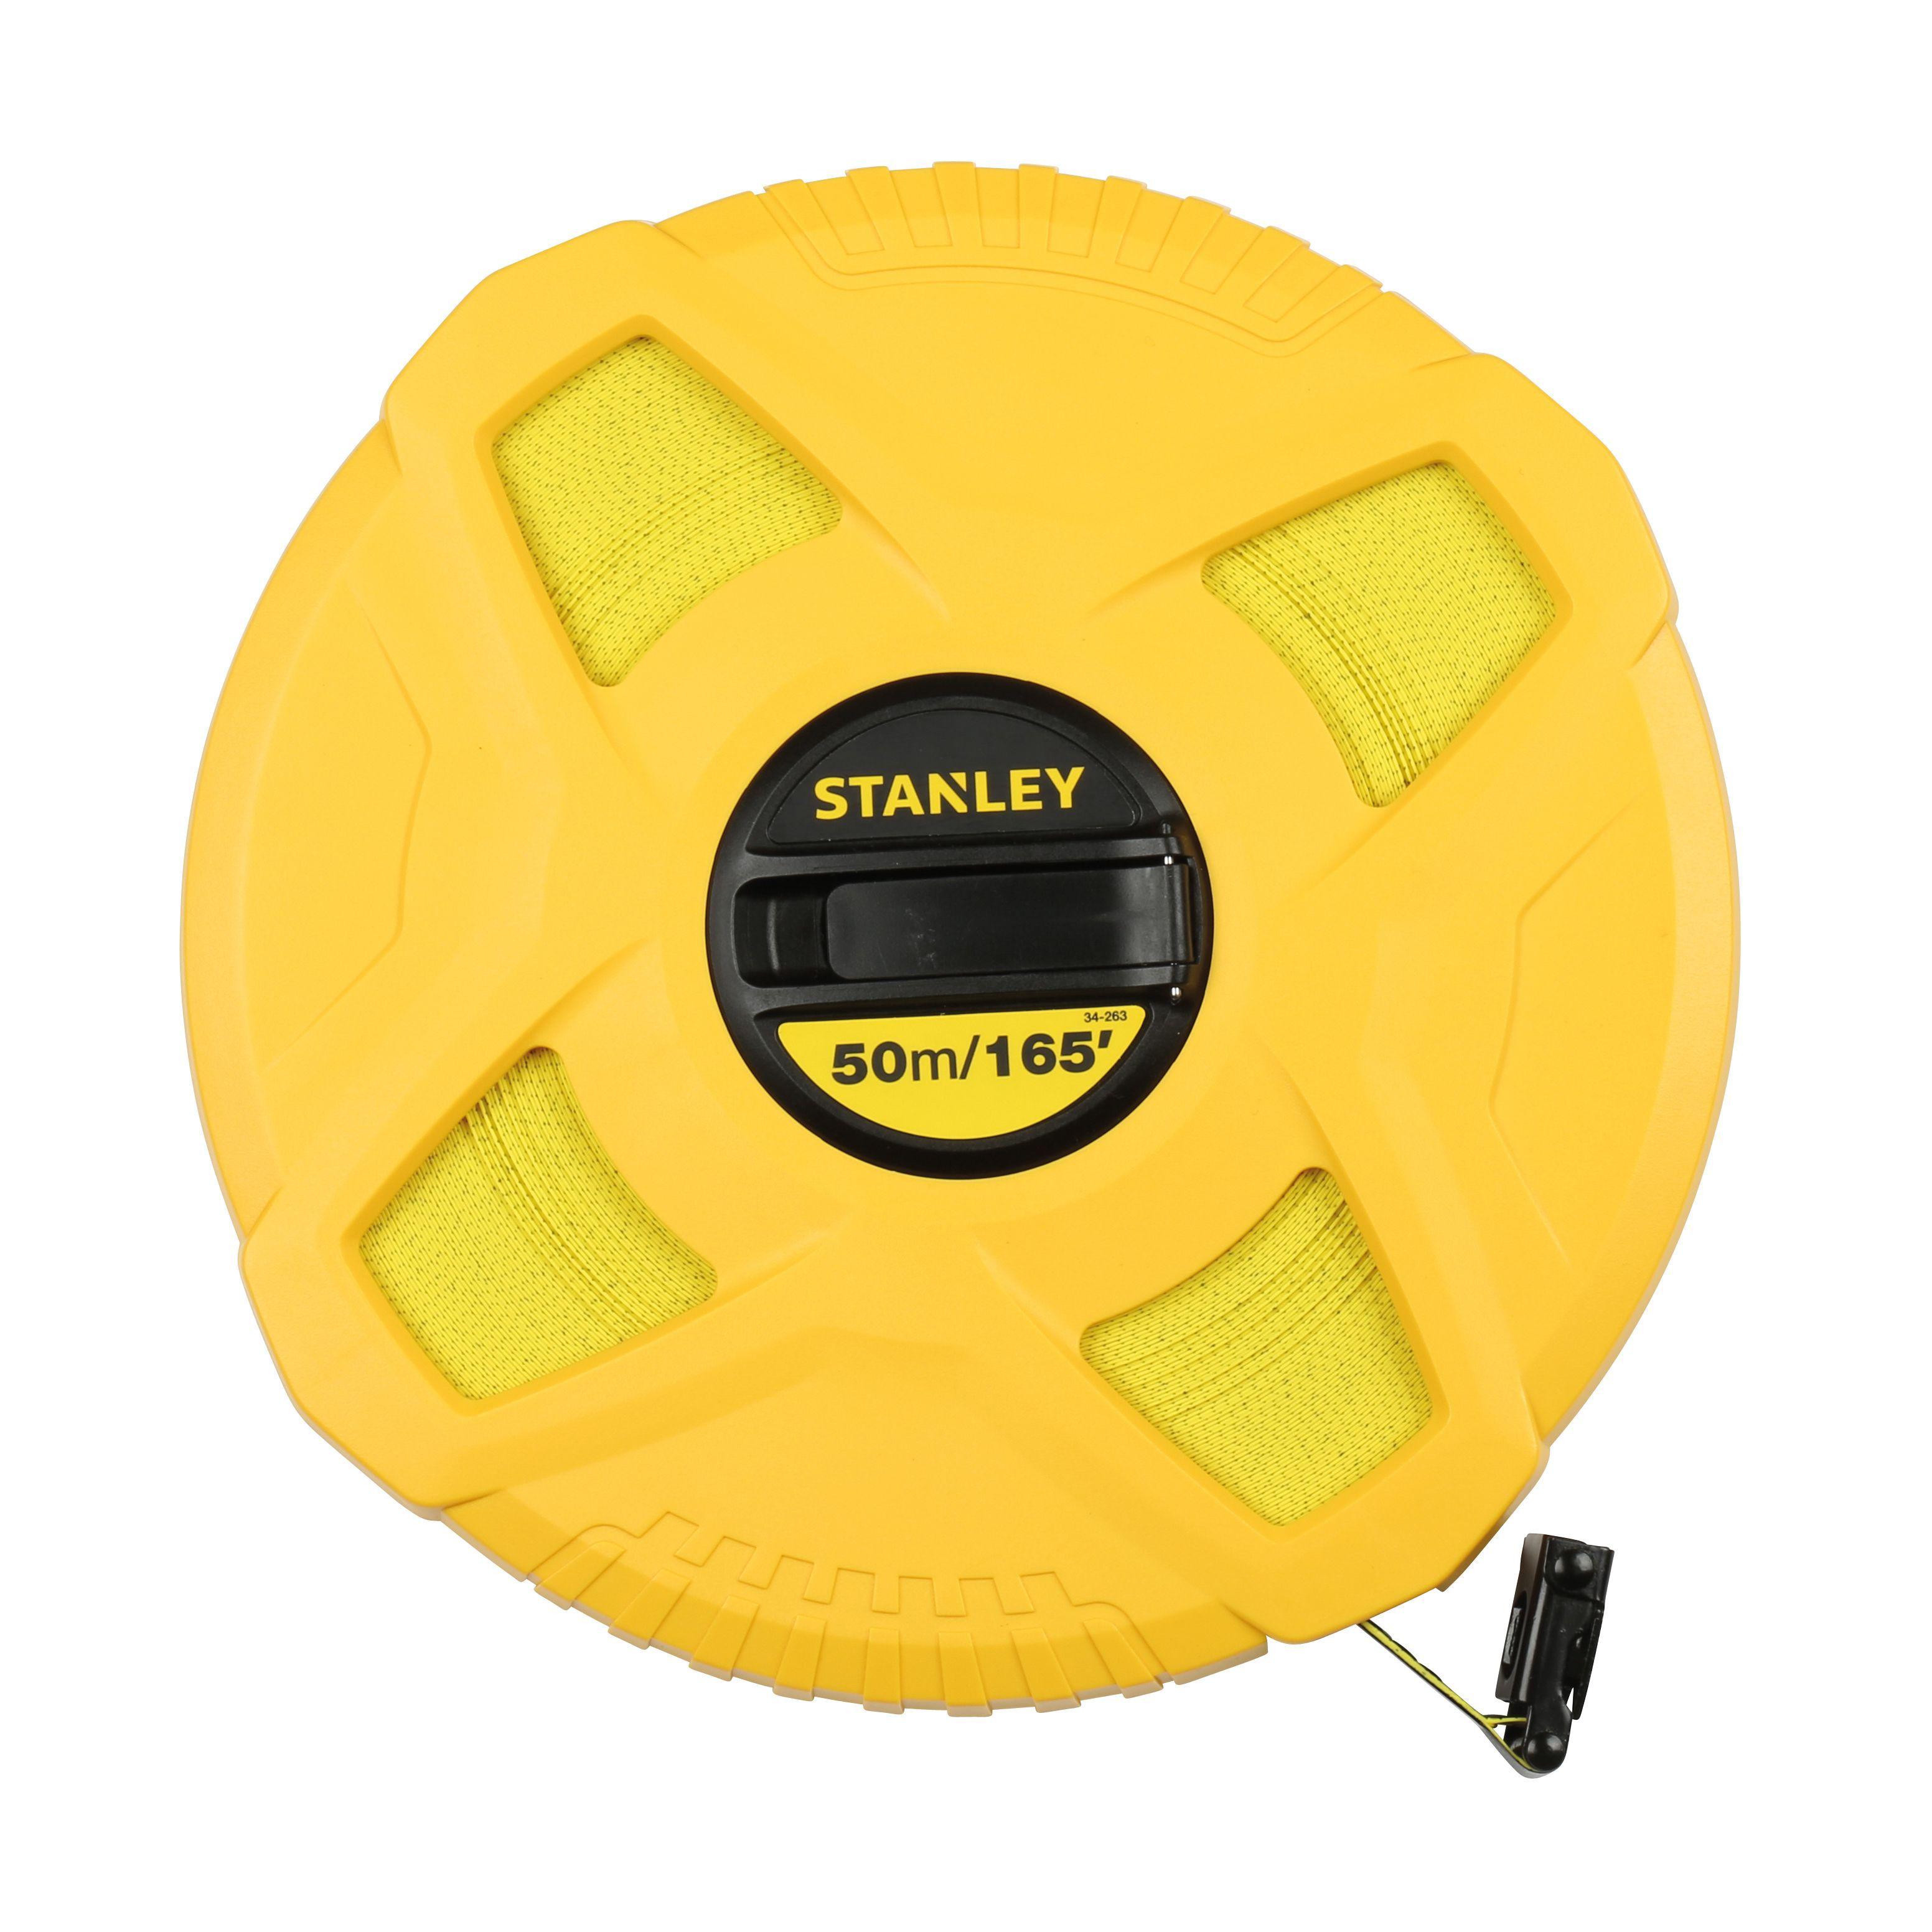 Stanley 50m Tape Measure Departments Diy At B Amp Q